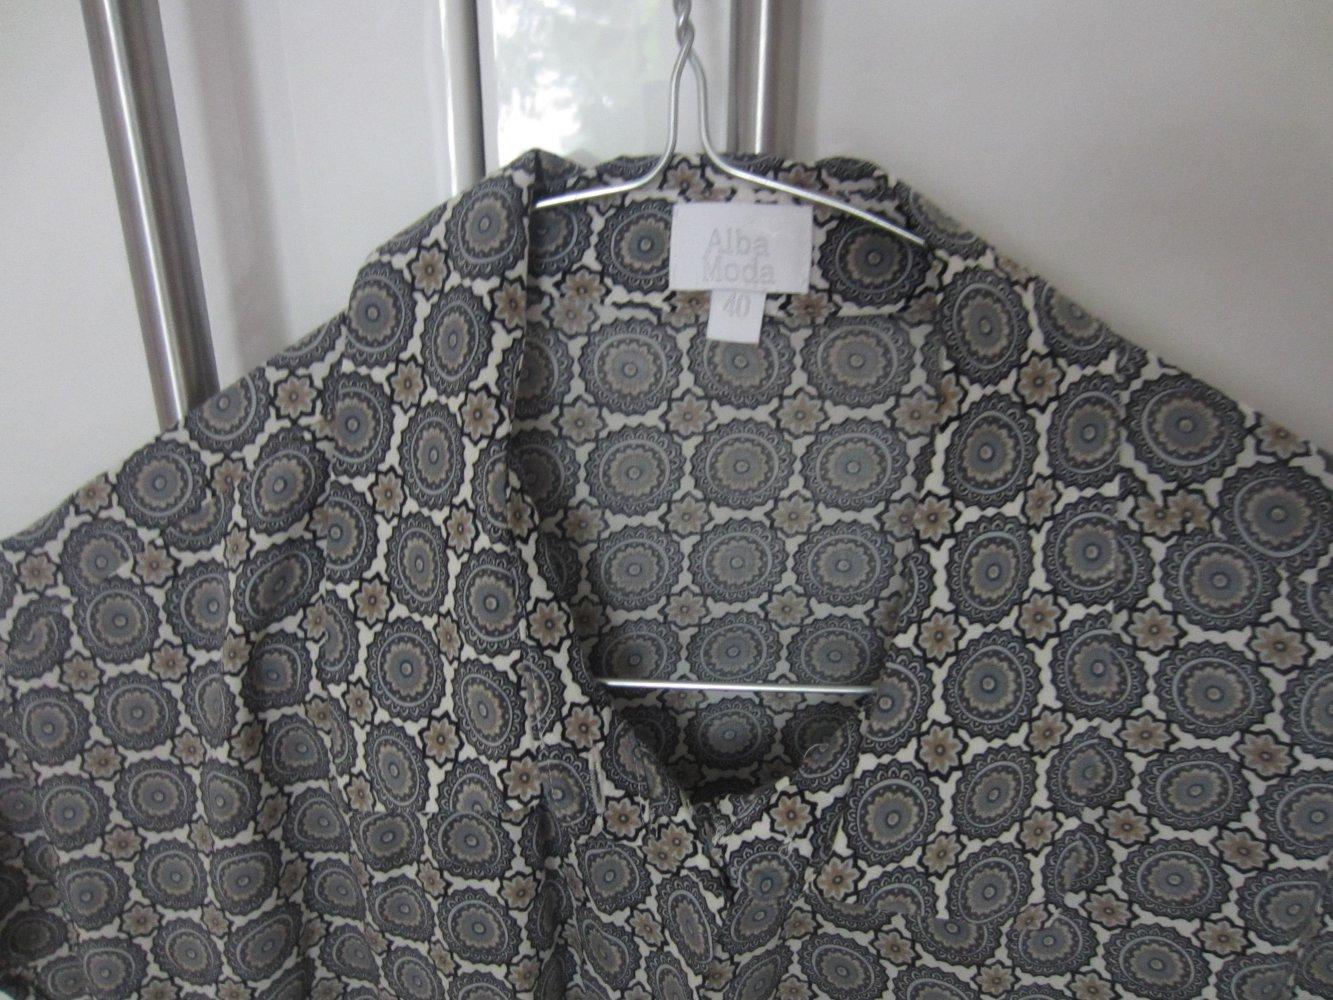 blau gemusterte Bluse von Alba Moda (Größe 40)    Kleiderkorb.de 6a3f07392c